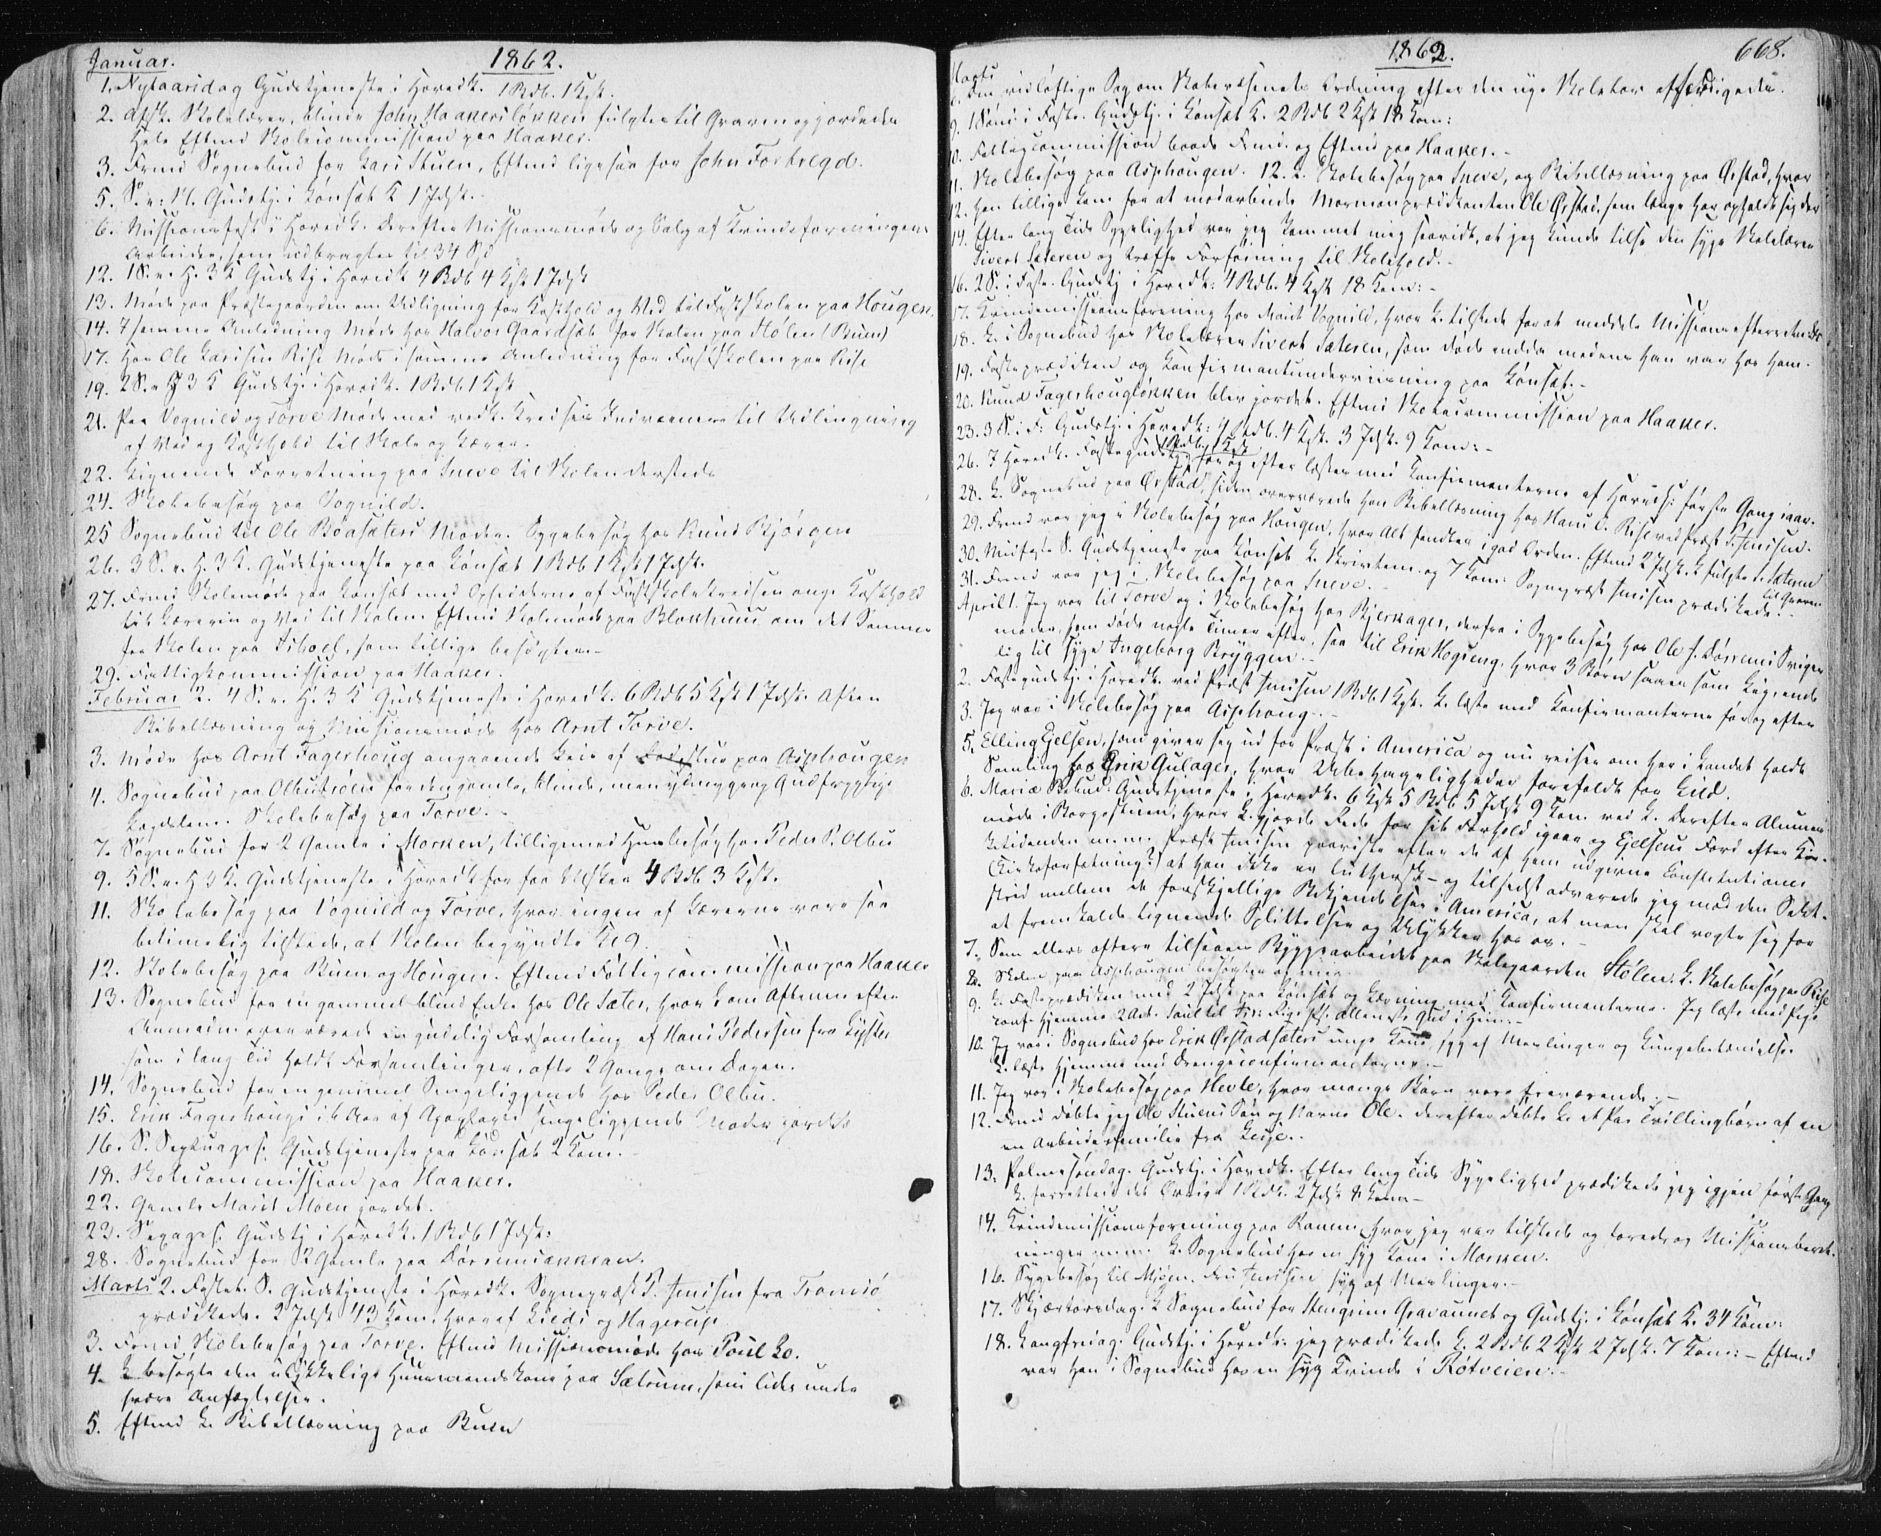 SAT, Ministerialprotokoller, klokkerbøker og fødselsregistre - Sør-Trøndelag, 678/L0899: Ministerialbok nr. 678A08, 1848-1872, s. 668